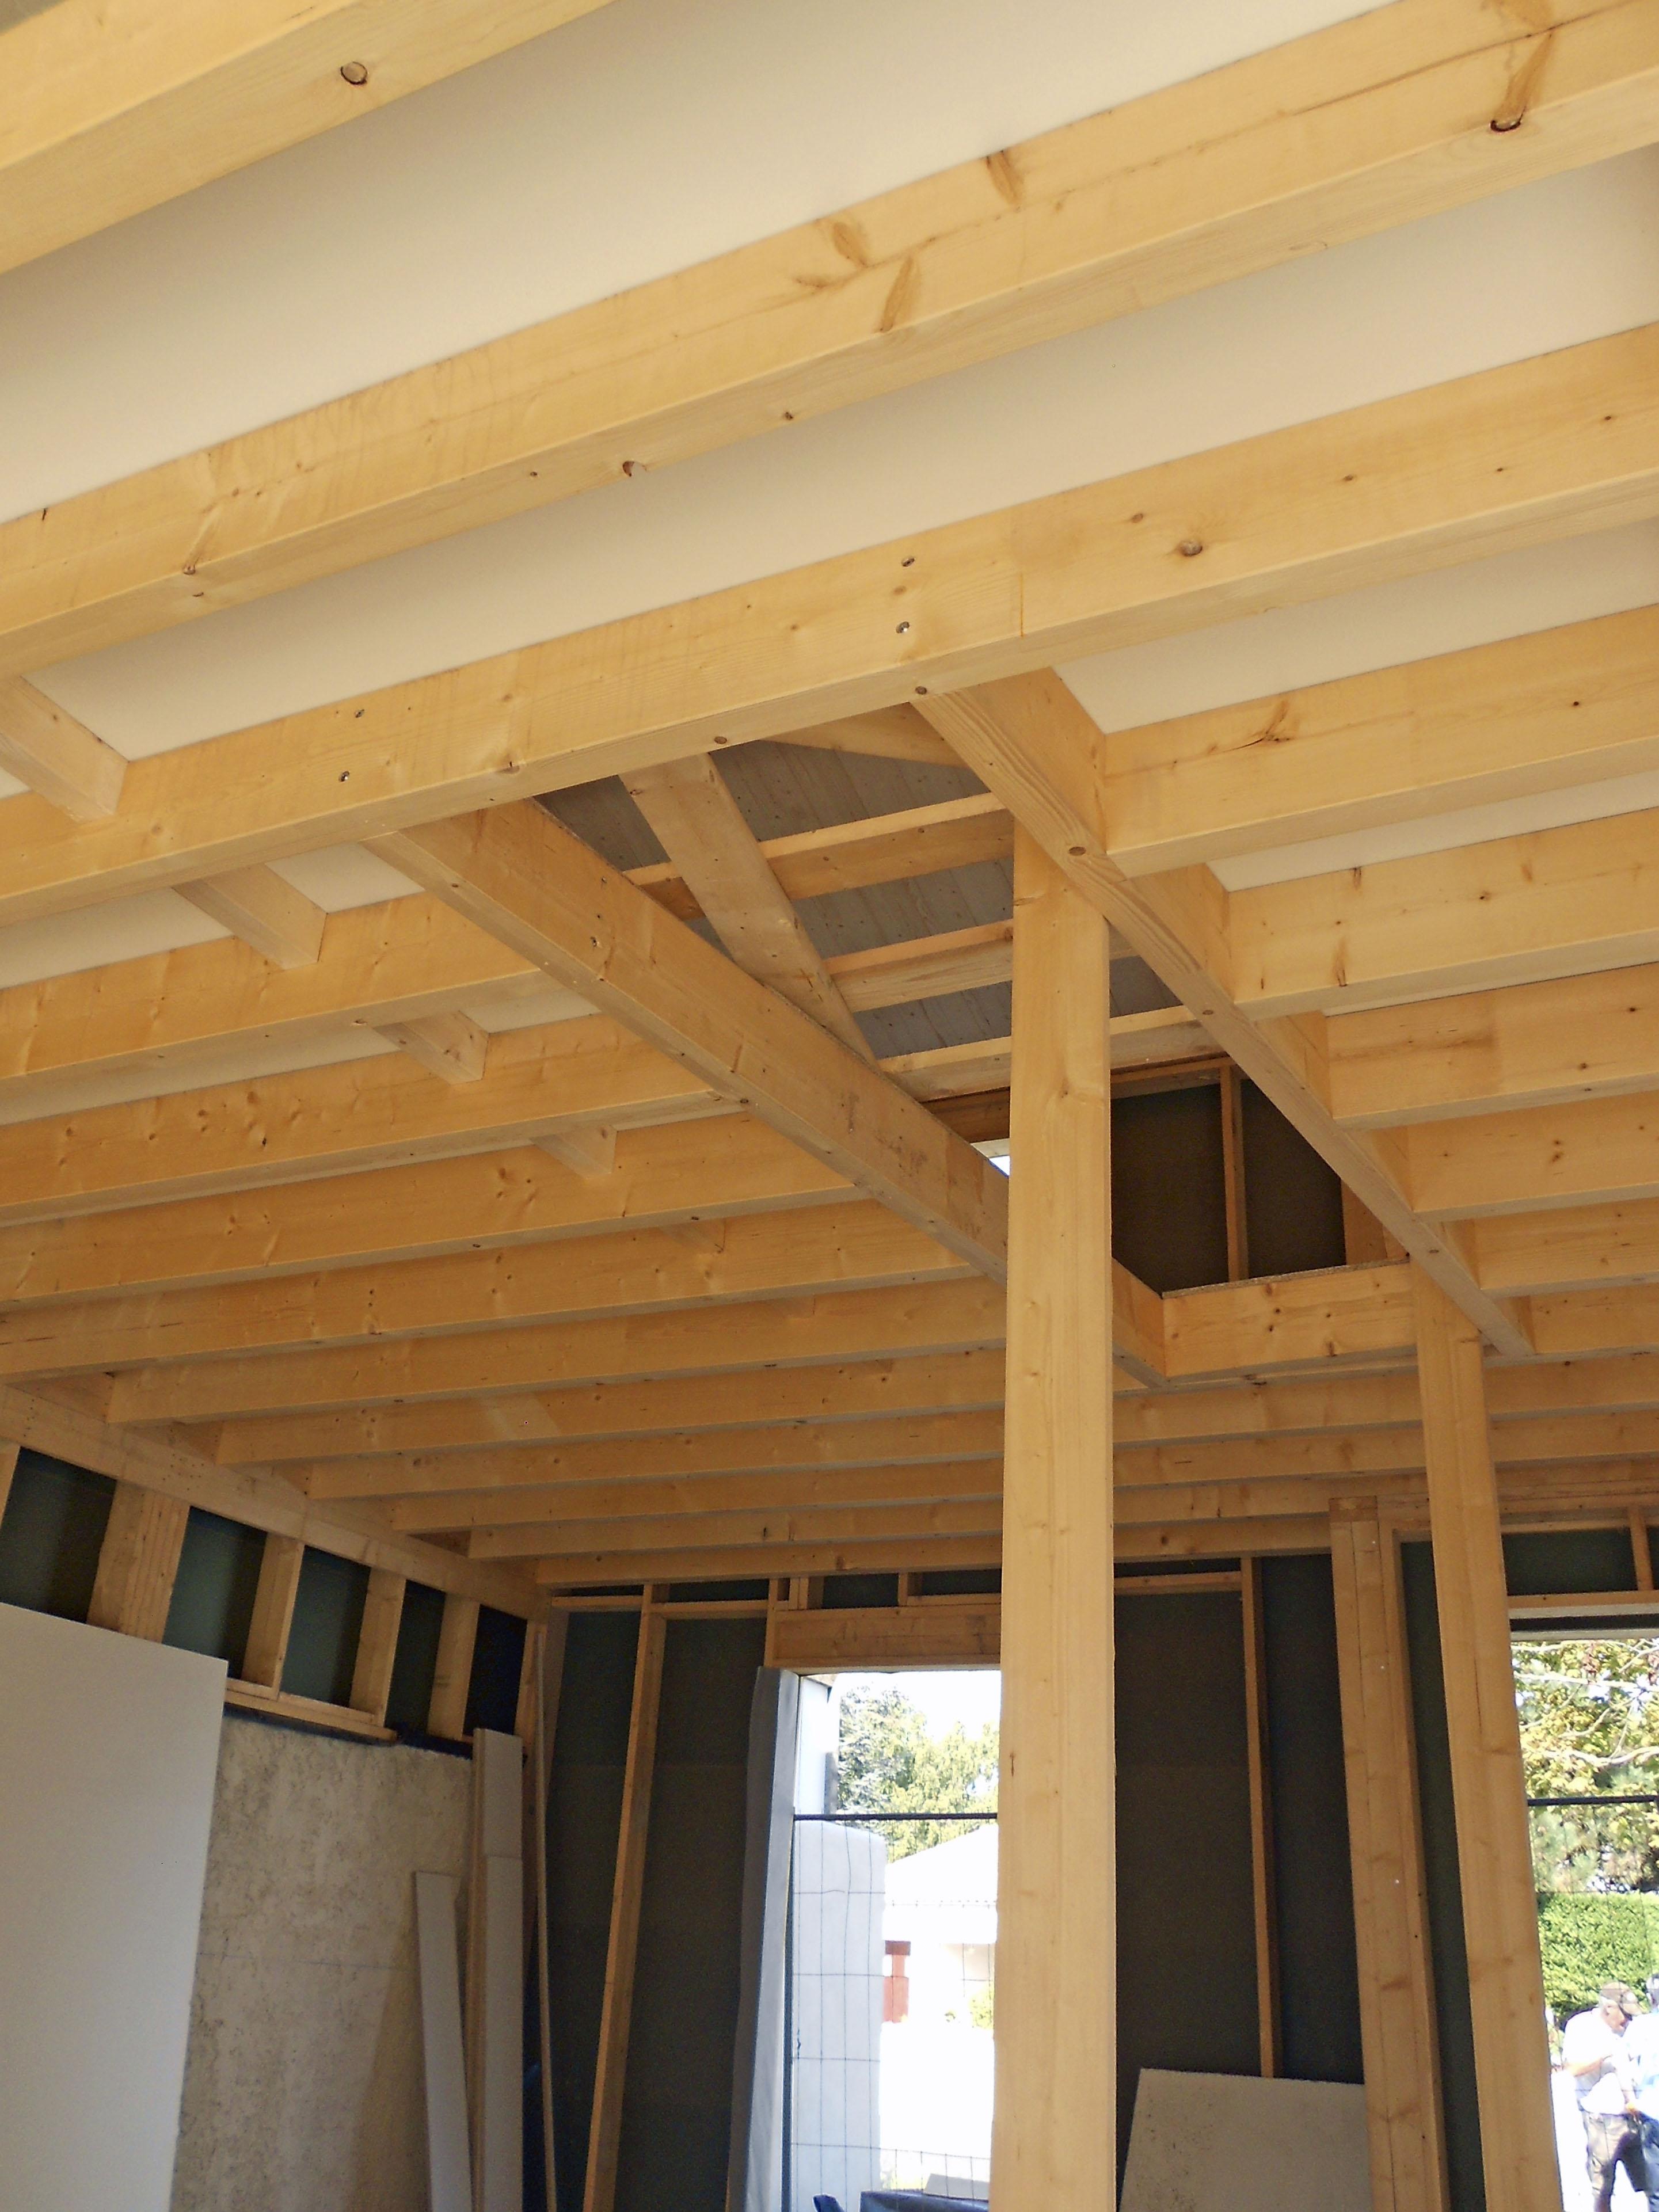 construction de maison la maison des charpentiers. Black Bedroom Furniture Sets. Home Design Ideas